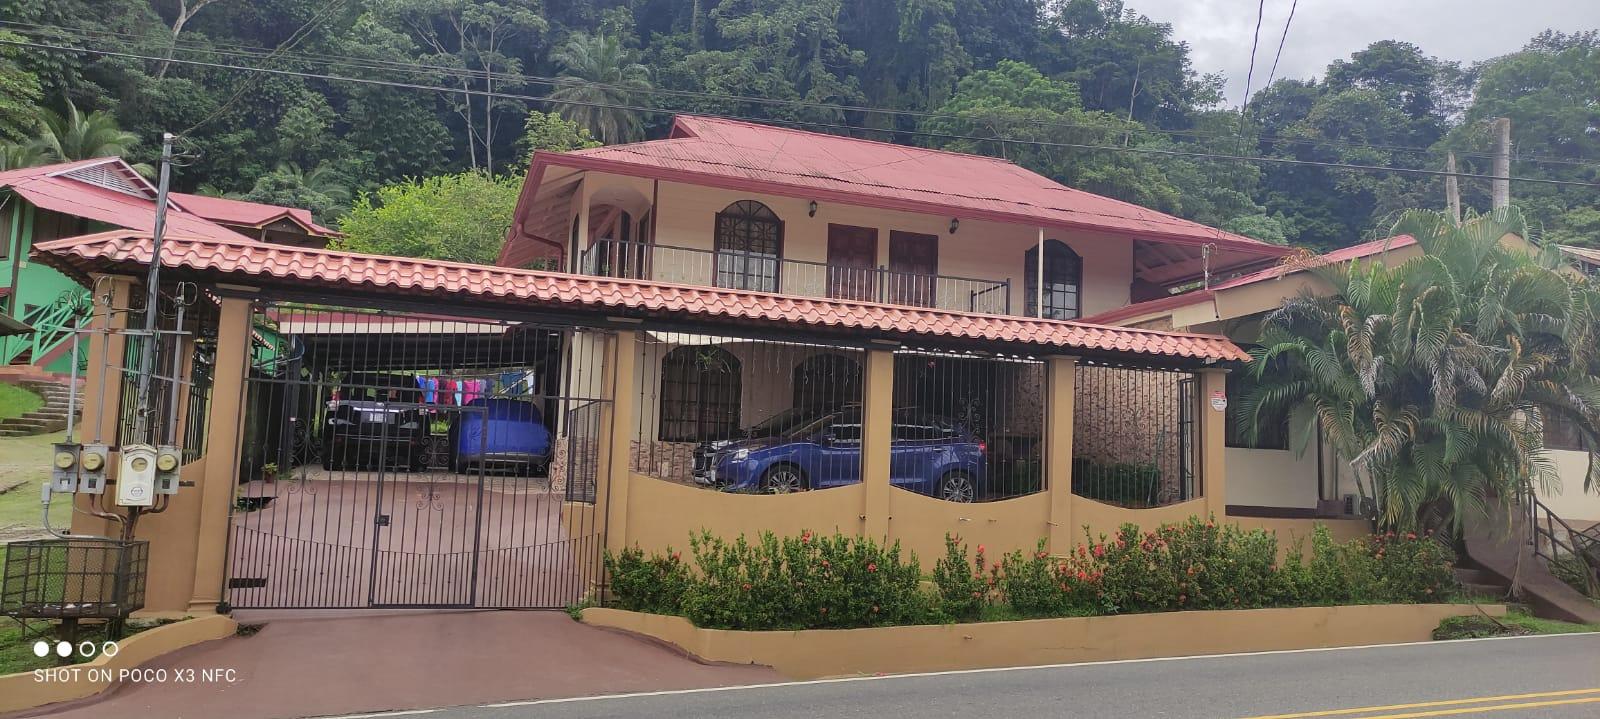 CASA GOLFITO COSTA RICA